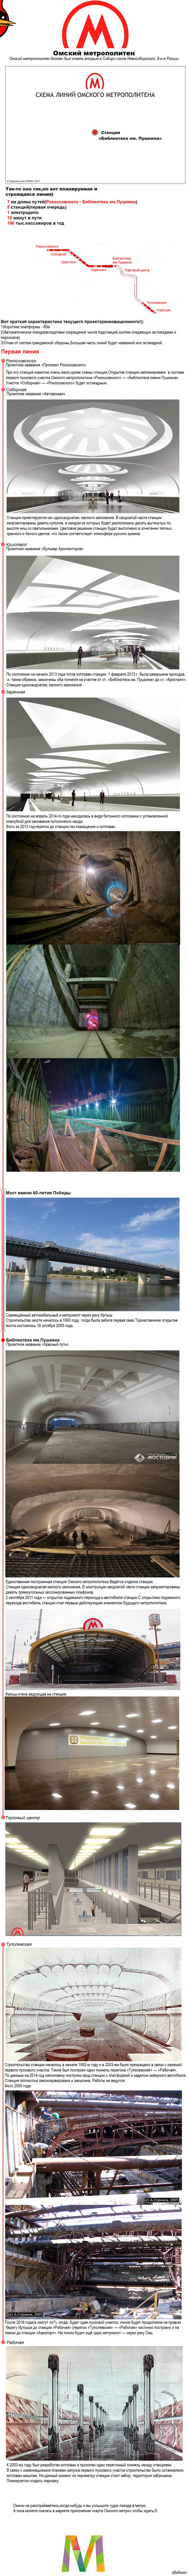 Омский метрополитен.Мечты и реальность